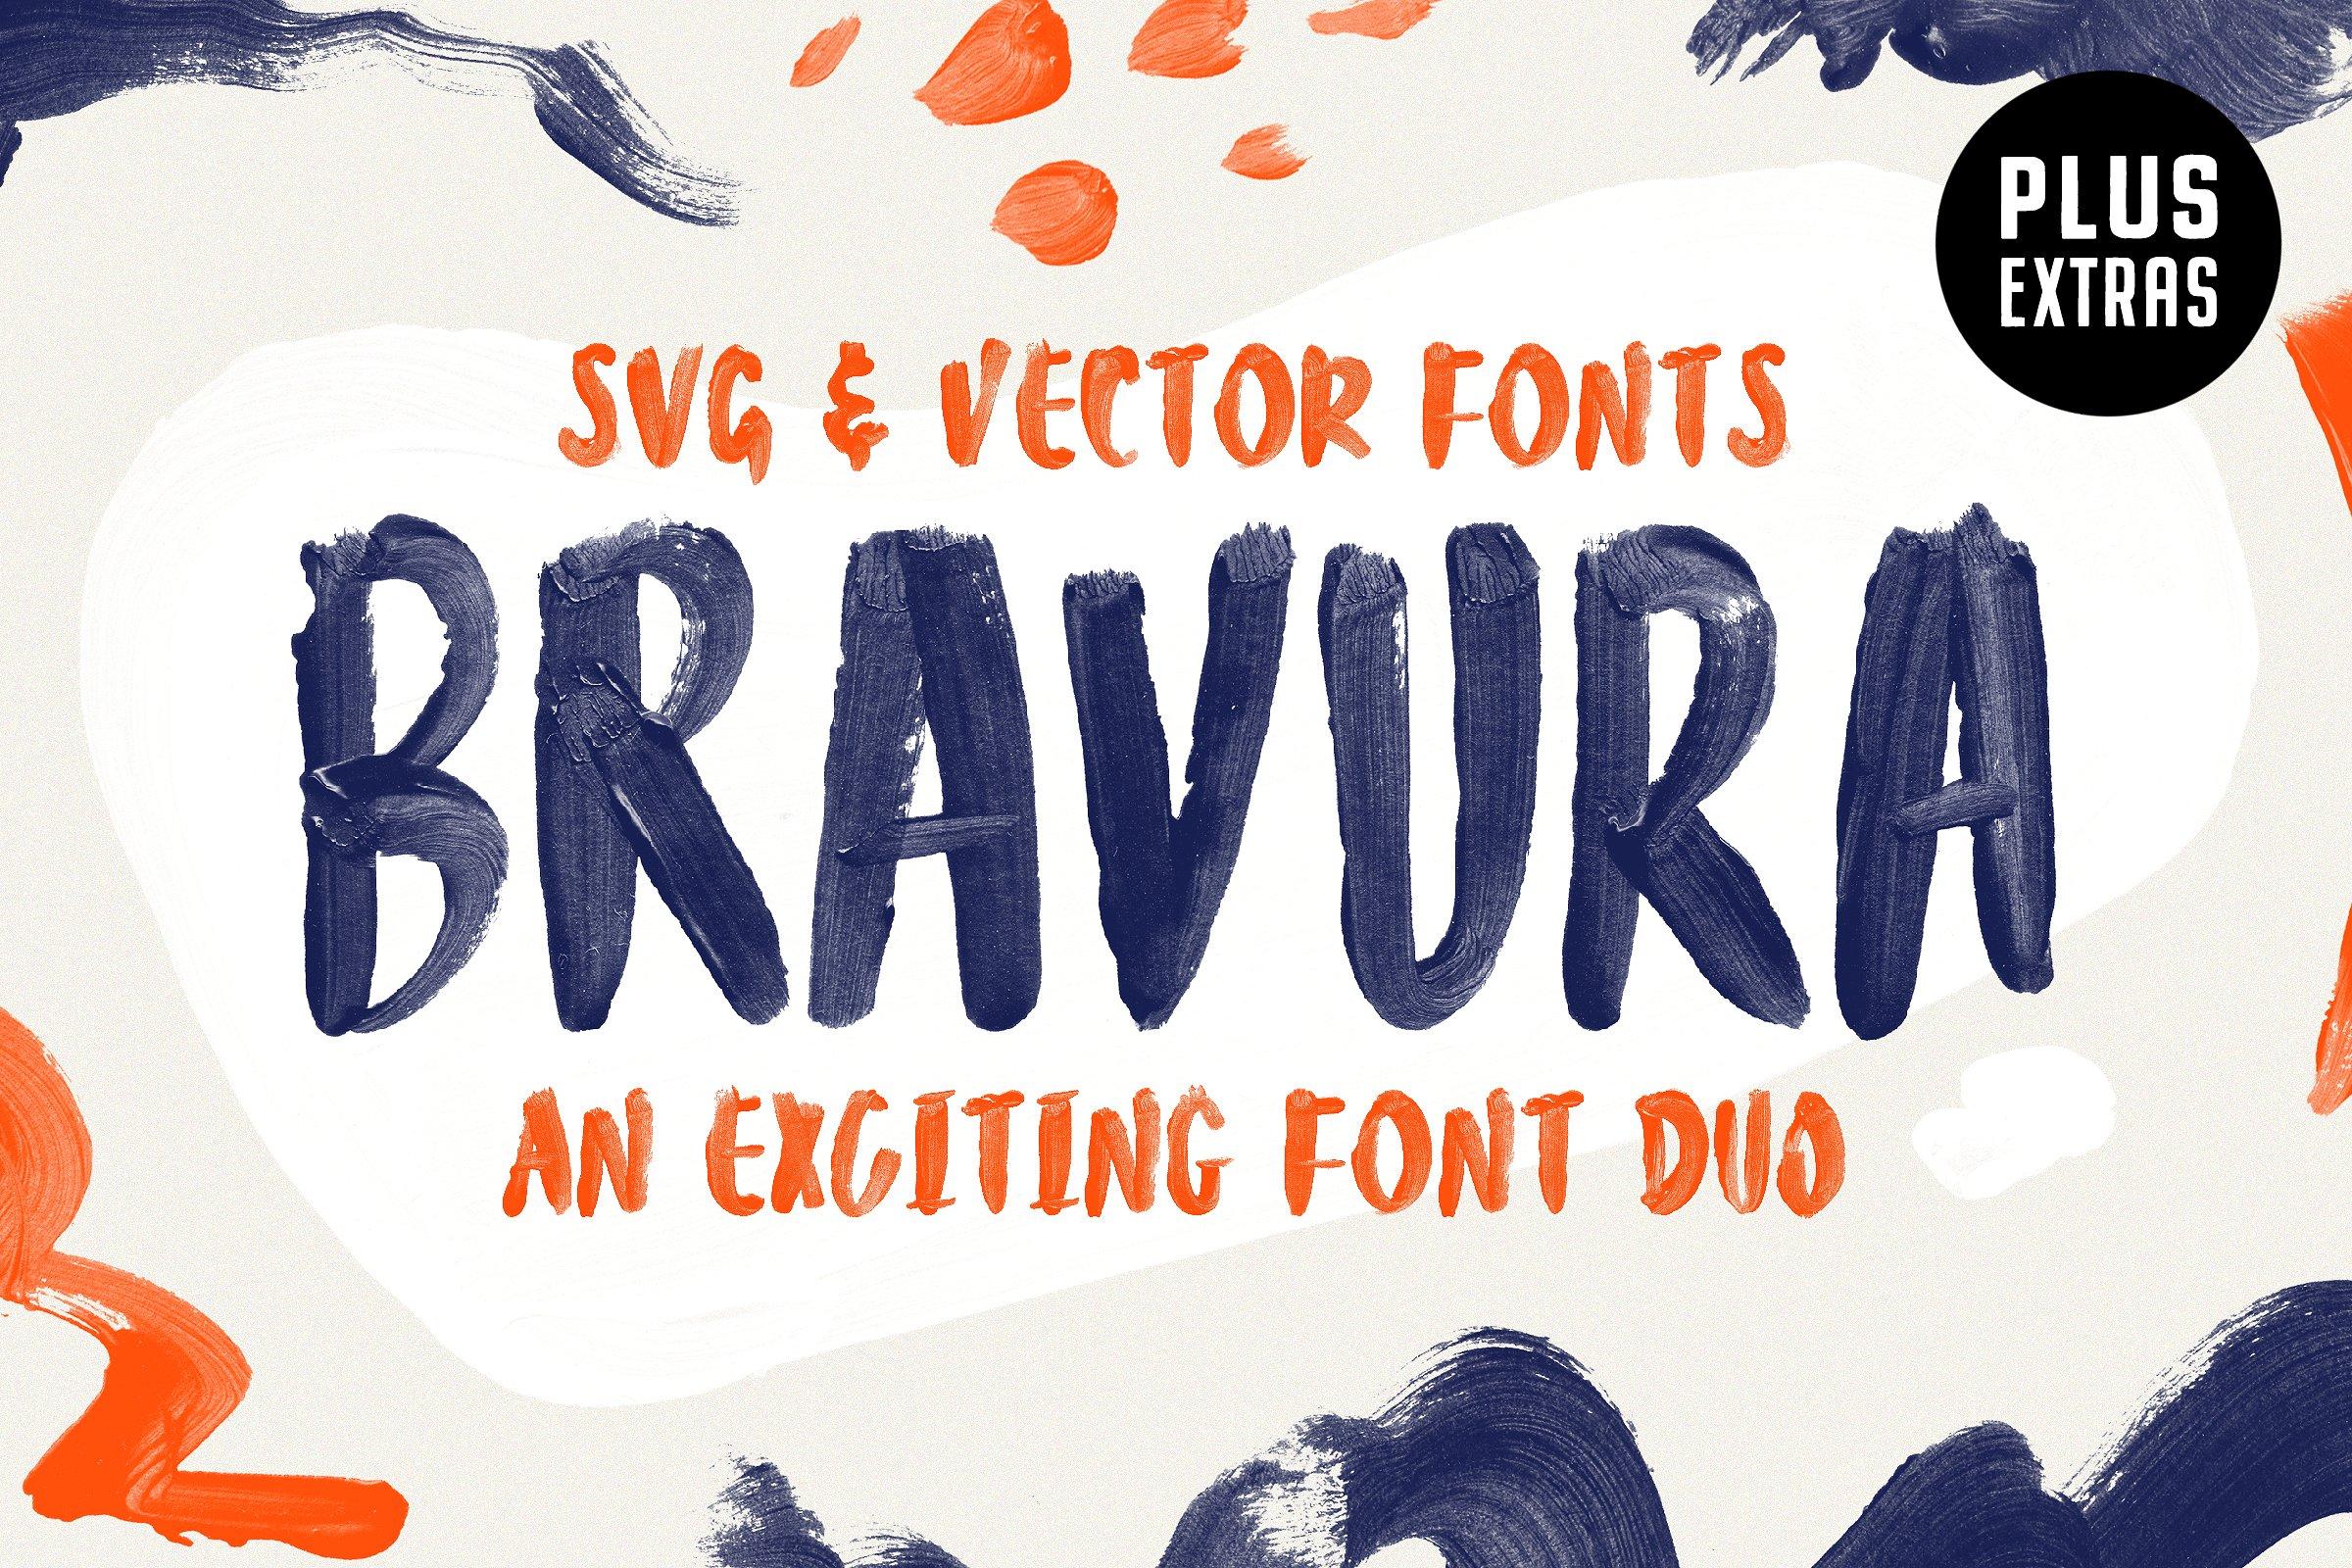 大胆的SVG字体 Bravura SVG Font Duo & Extras!设计素材模板